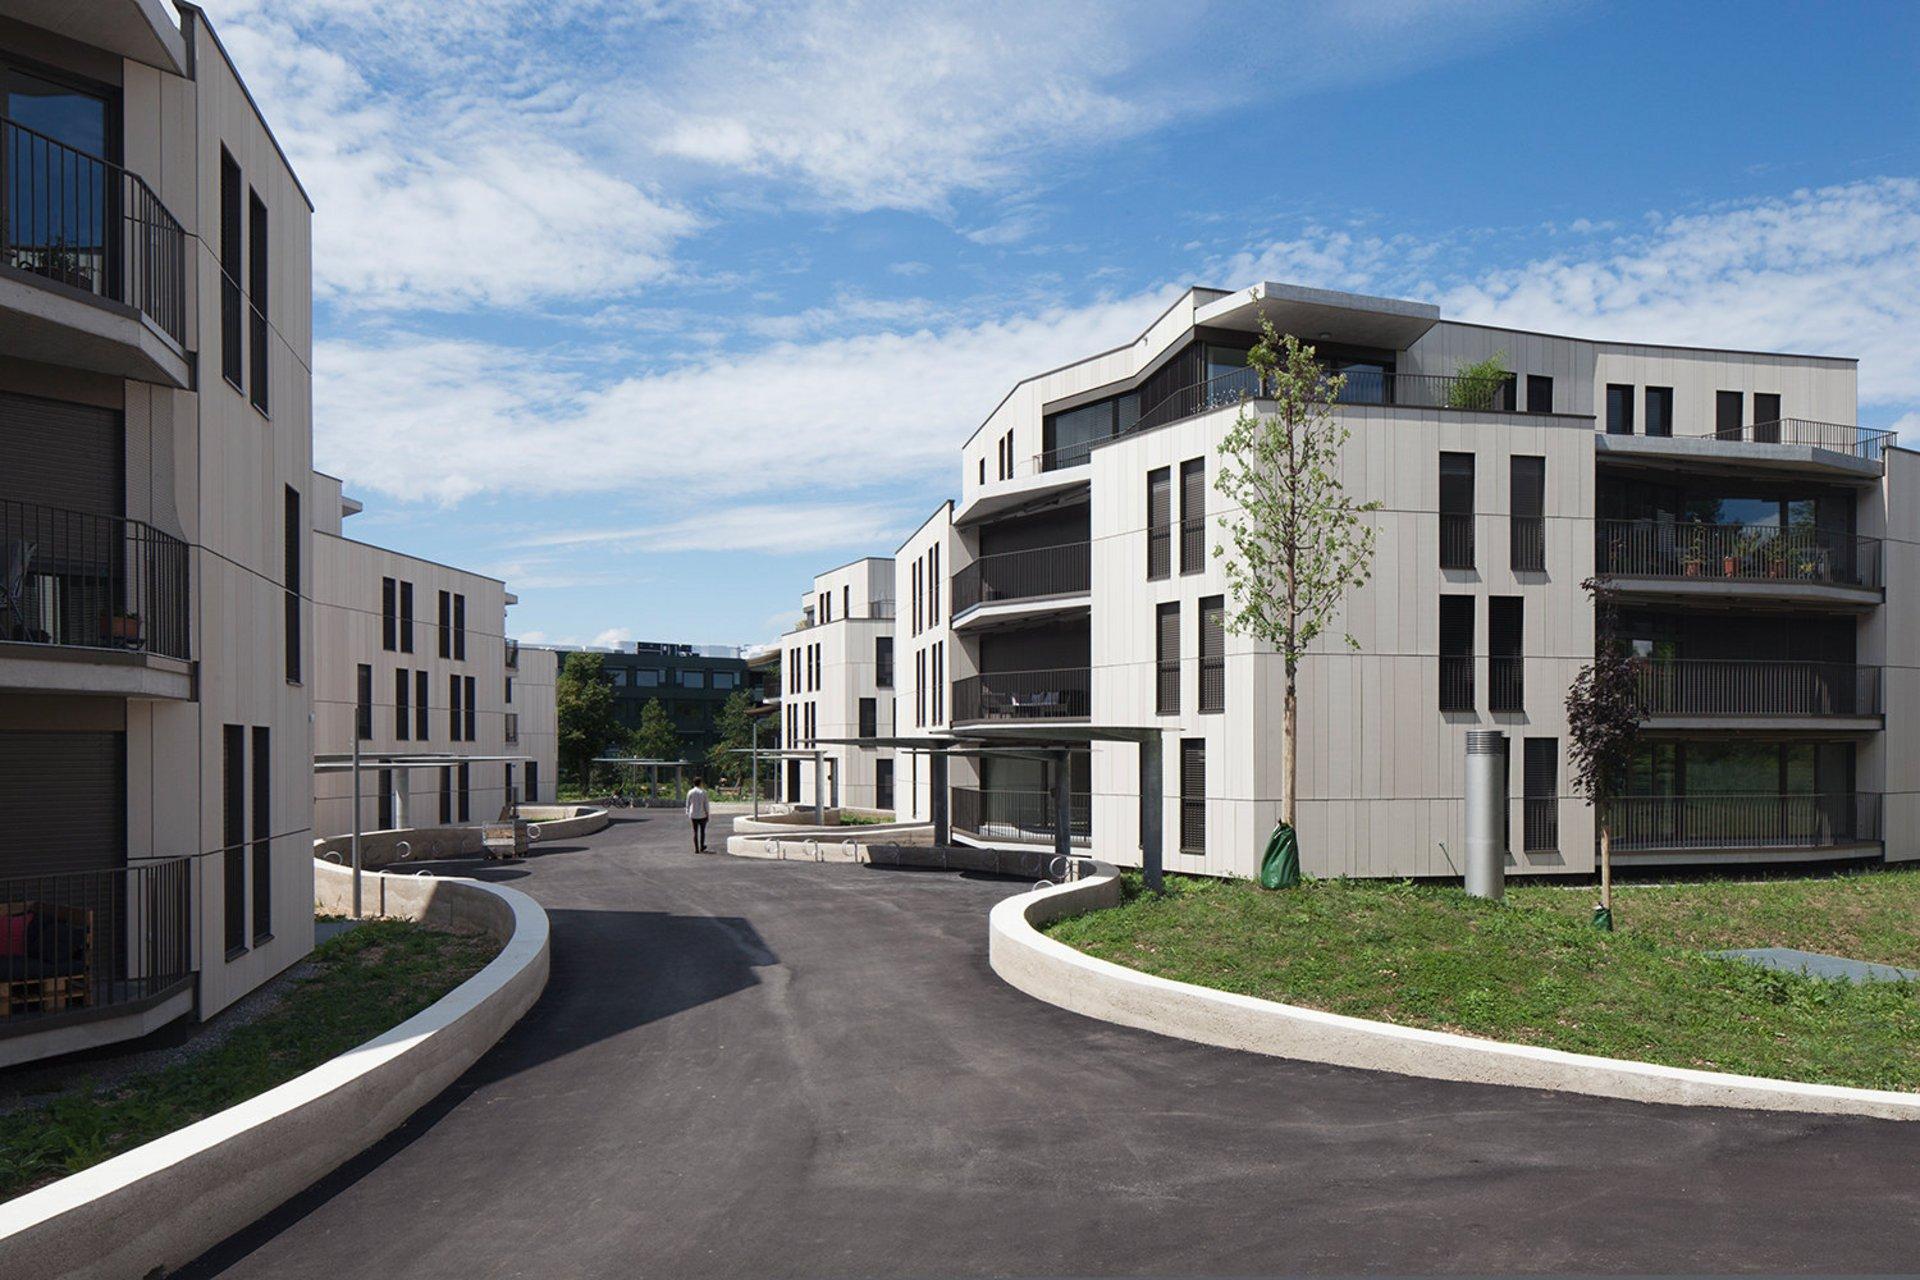 Hinterlüftete Fassade mit einer Bekleidung aus crèmeweissen, unterschiedlich grossformatigen, vertikalen Terracottaplatten.